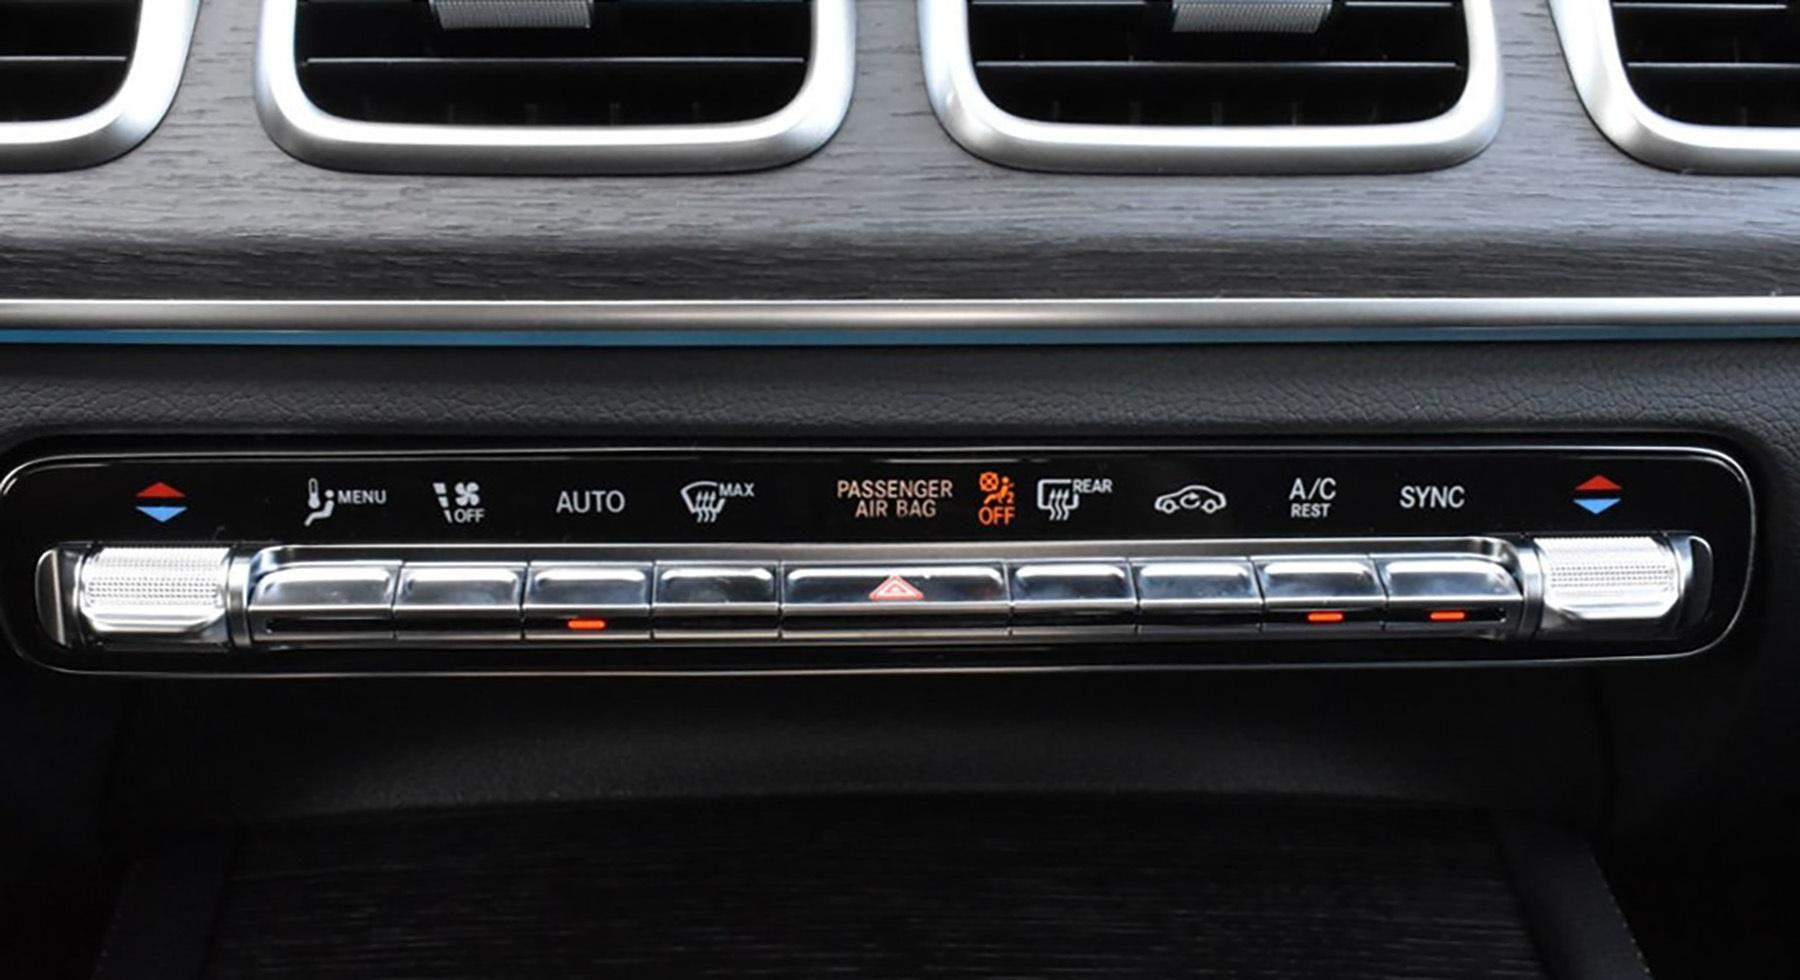 Mercedes-Benz triệu hồi GLE-Class vì nguy cơ nước điều hòa chảy vào khoang lái Ảnh 2